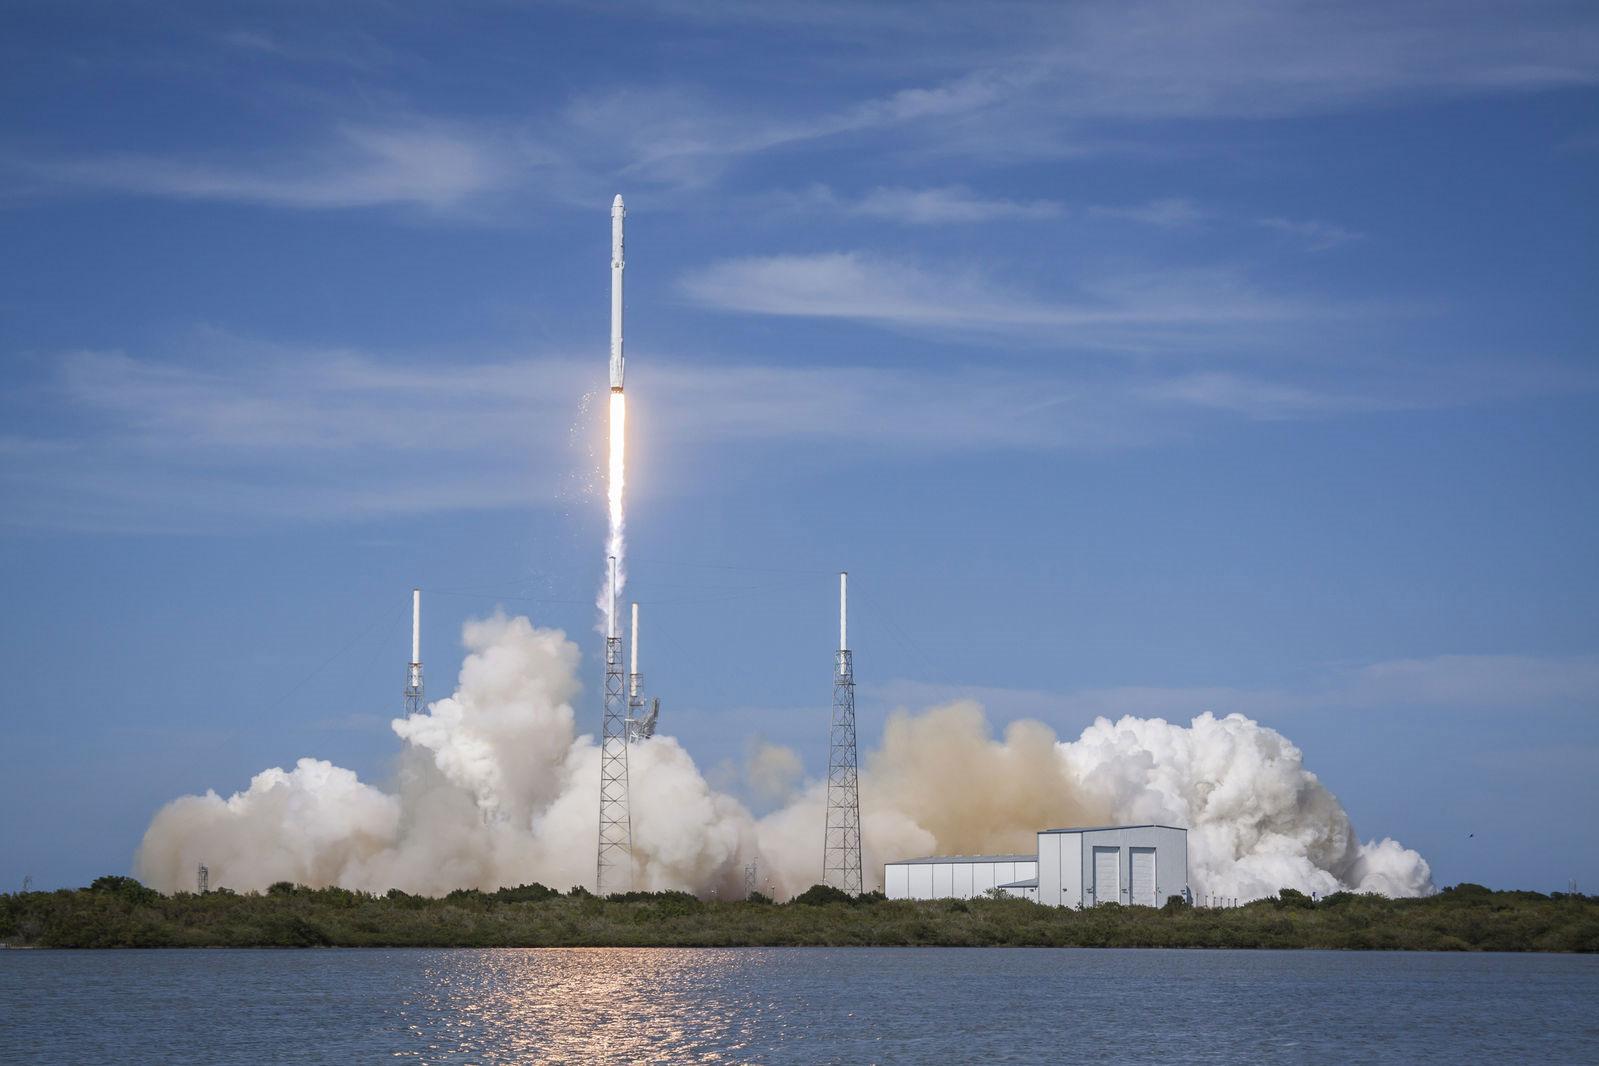 国内航天发射再创纪录:快舟一号甲1天2次送7颗卫星上天